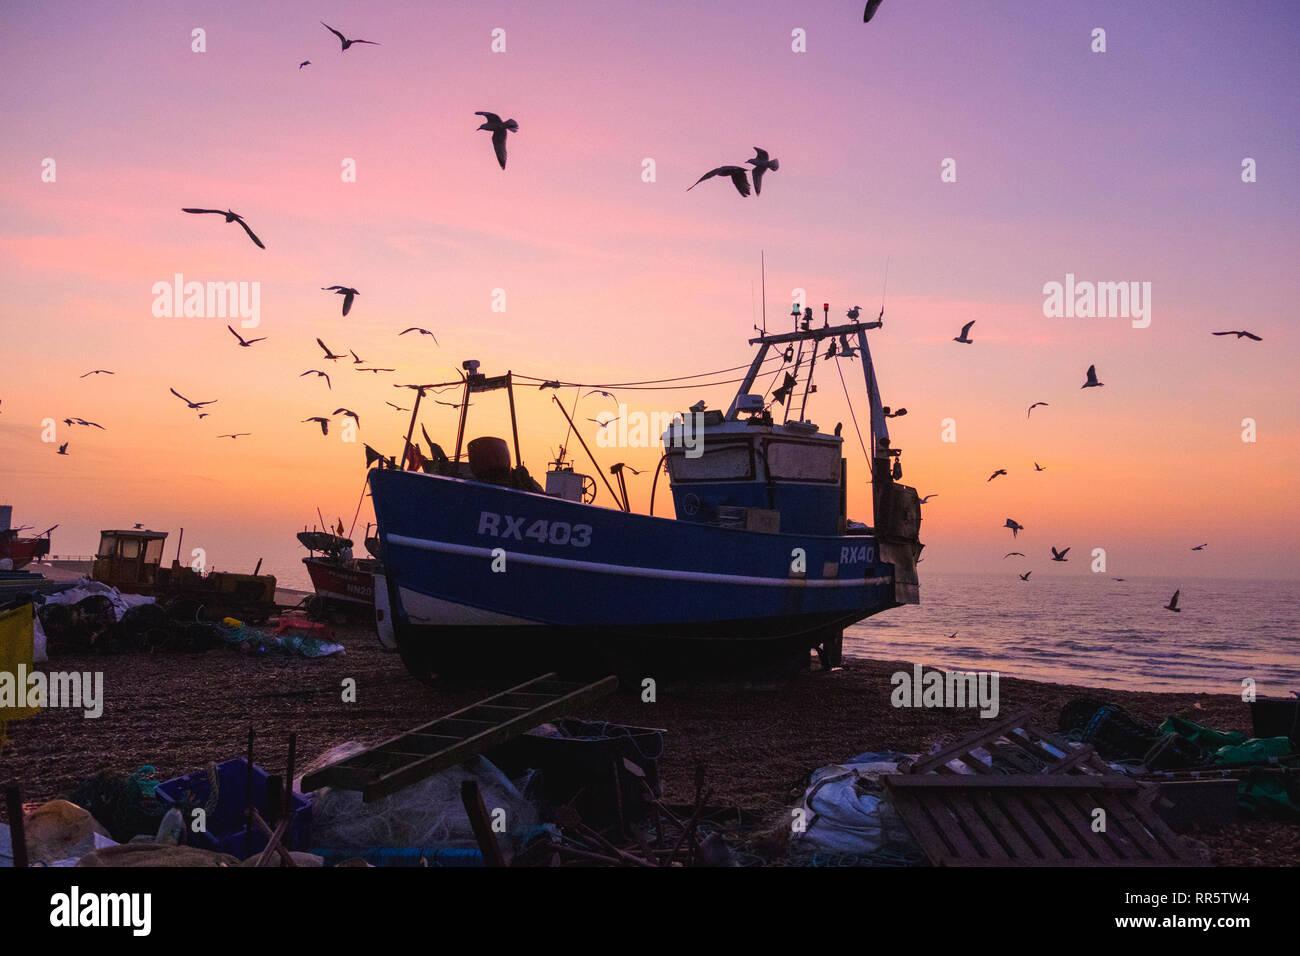 Hastings, East Sussex, UK. 23 février 2019. Mouettes ronde swirl Hastings un bateau de pêche au lever du soleil sur la vieille misty Stade ville plage bateau de pêche. Photo Stock